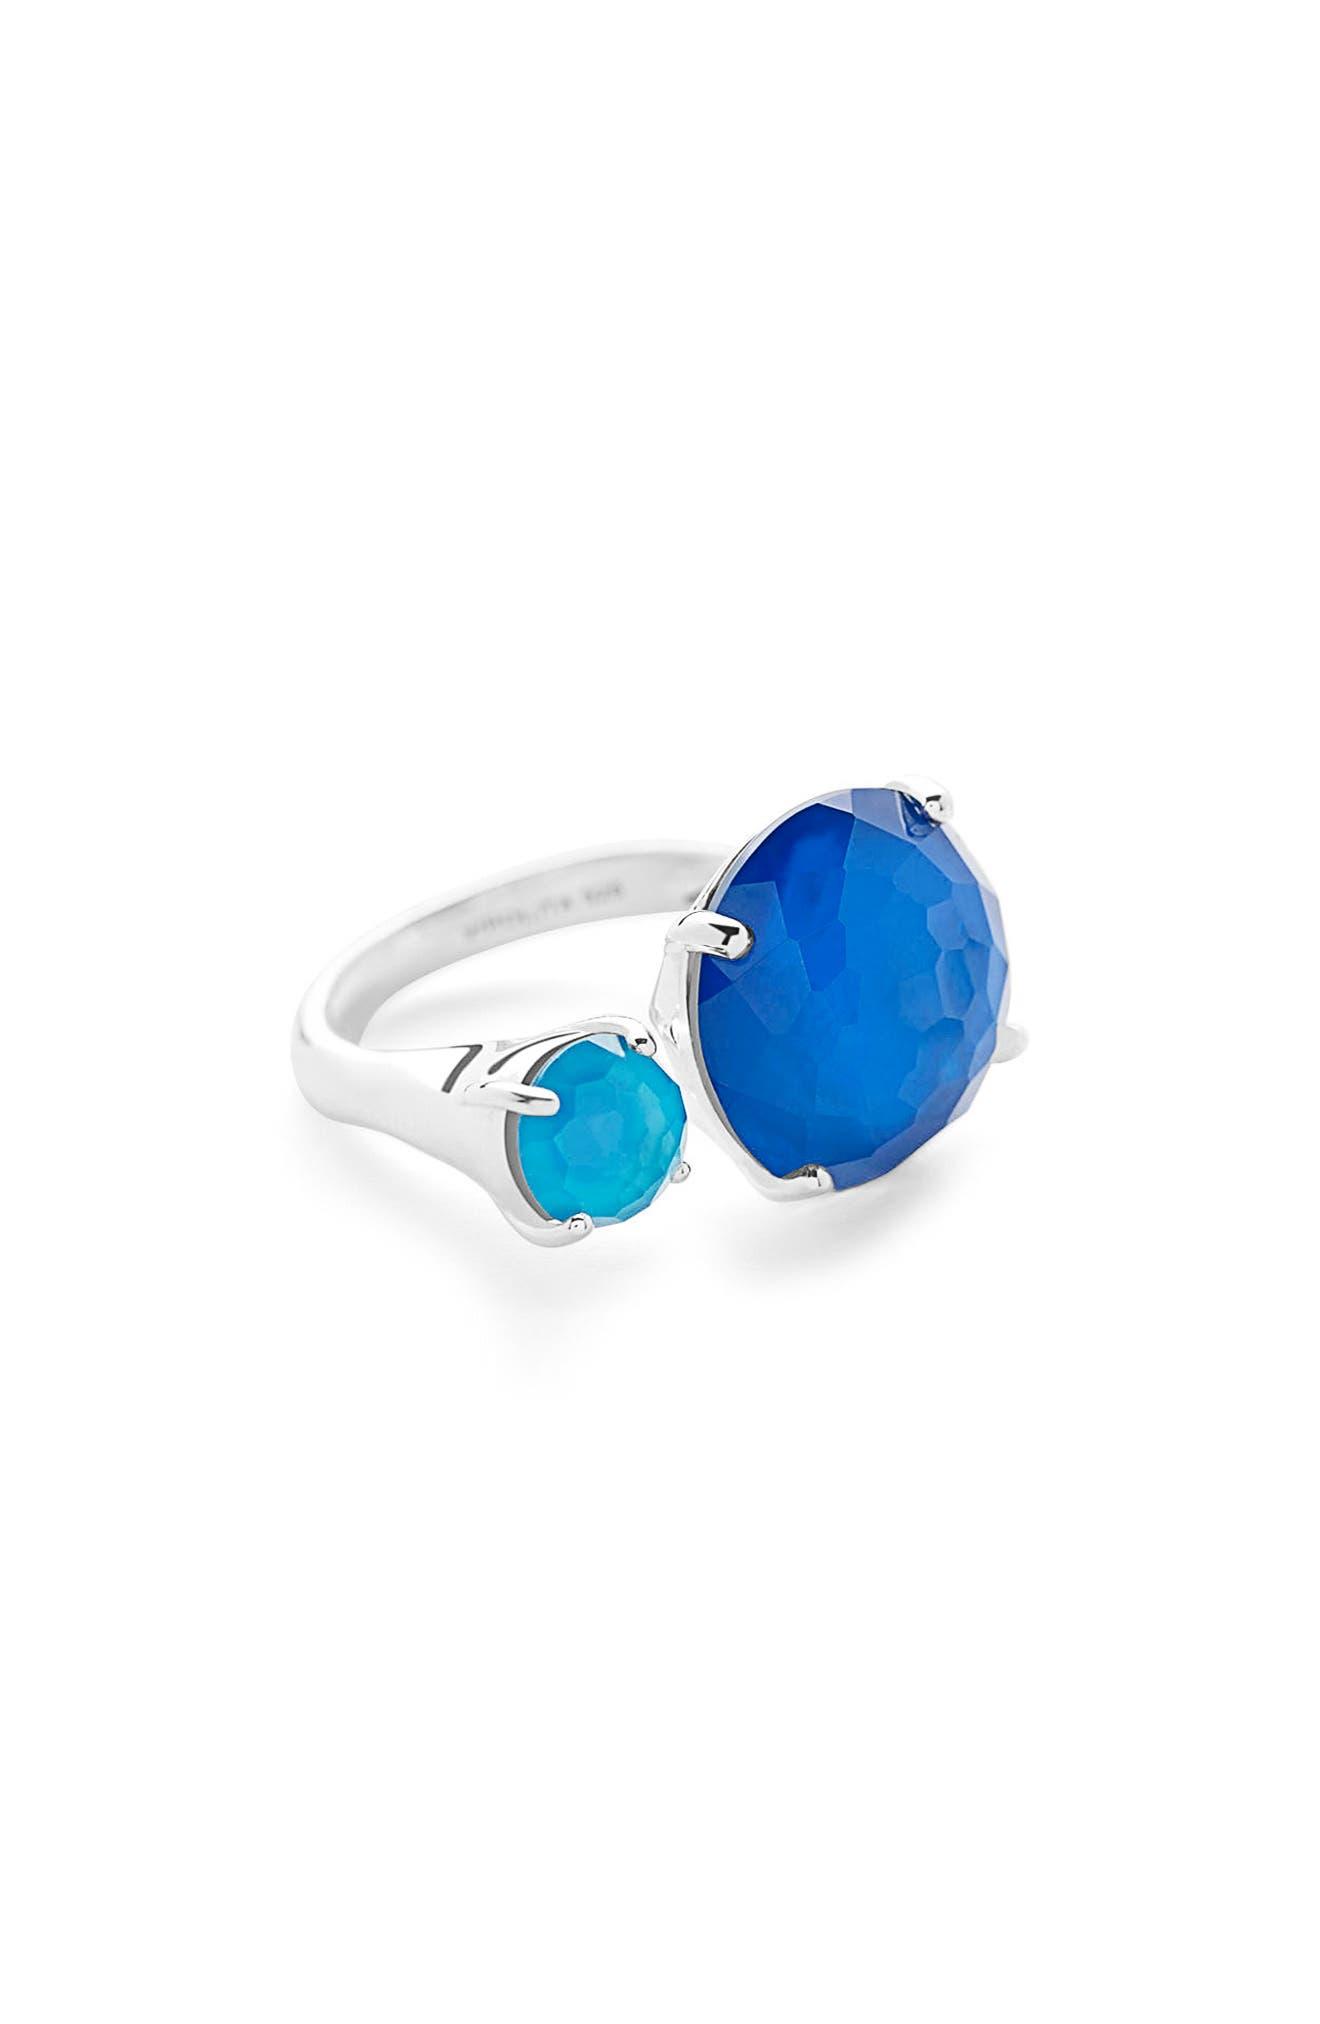 Main Image - Ippolita Wonderland Stone Ring